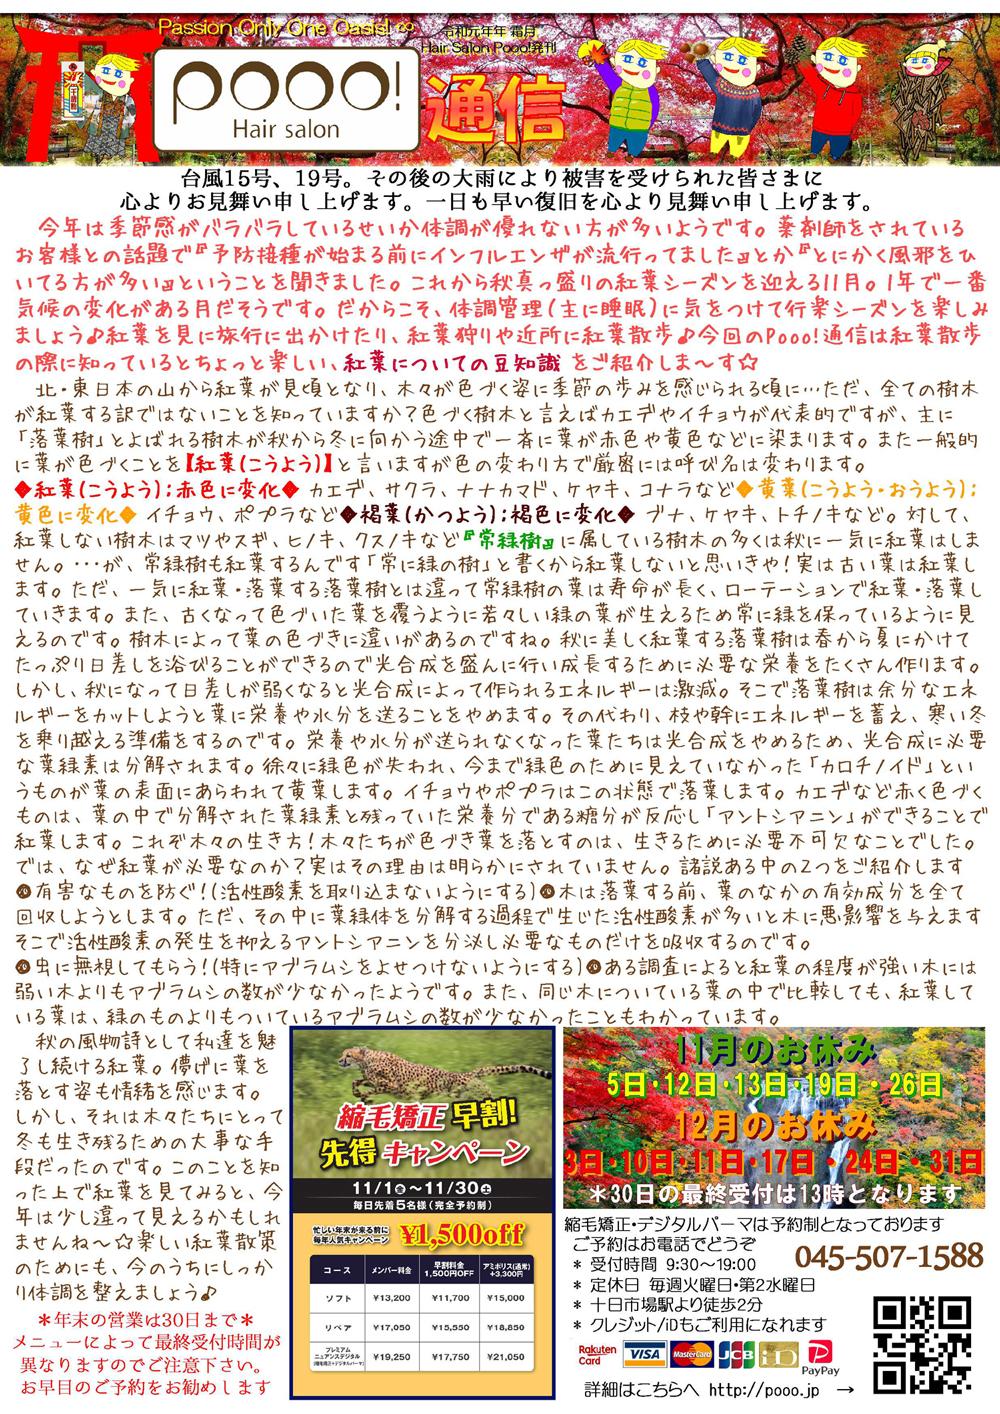 https://pooo.jp/wp-content/uploads/2019/10/Pooonews19-11.jpg